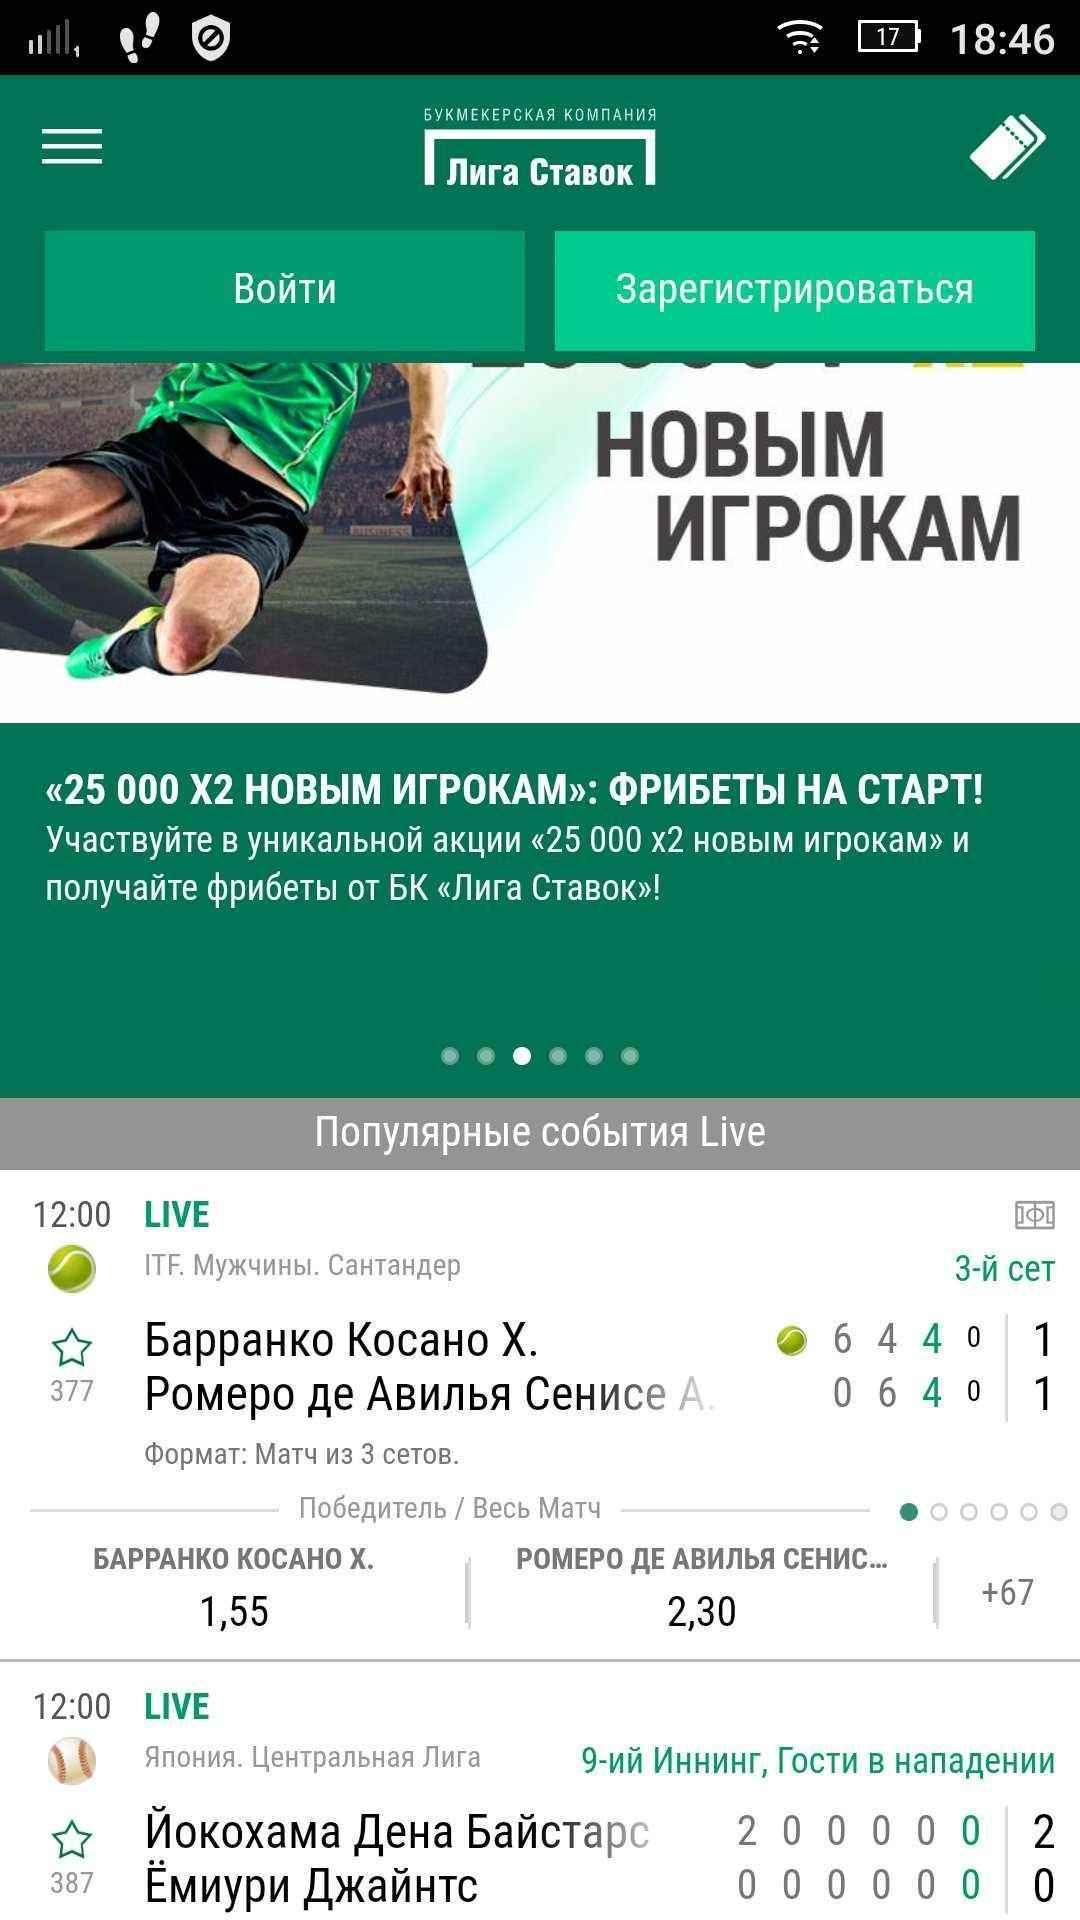 3 версия ставок лига мобильная